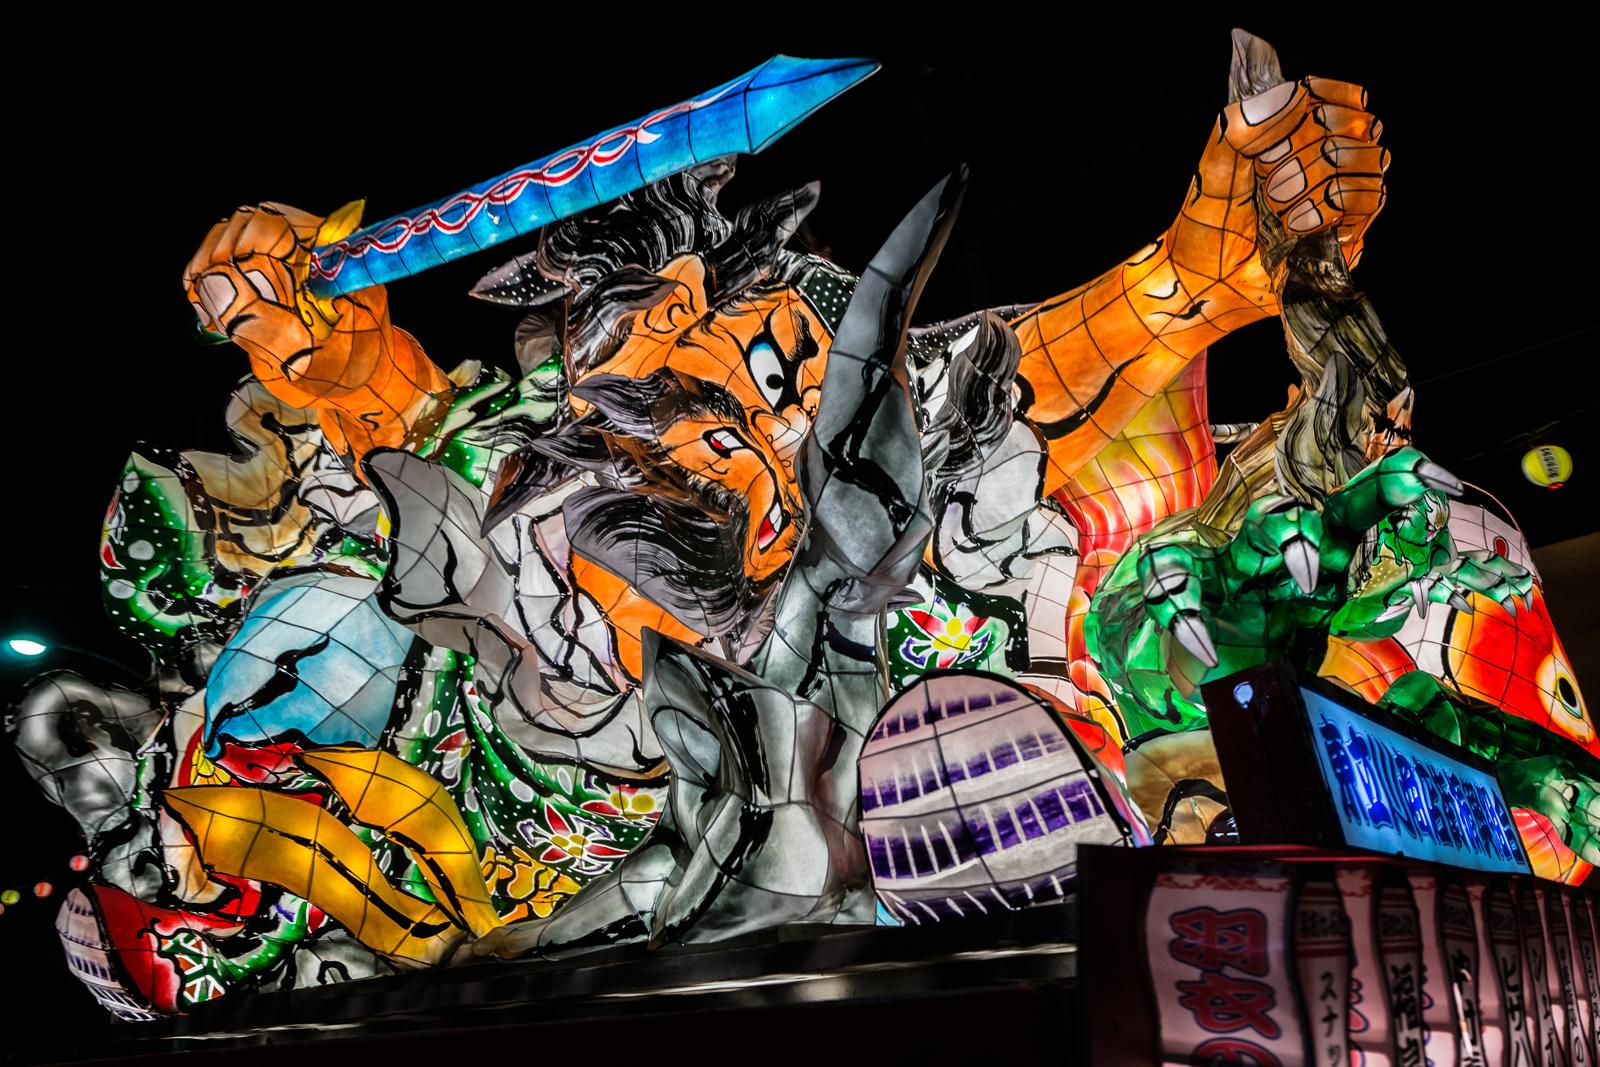 立川、羽衣ねぶた祭、ねぶたの写真